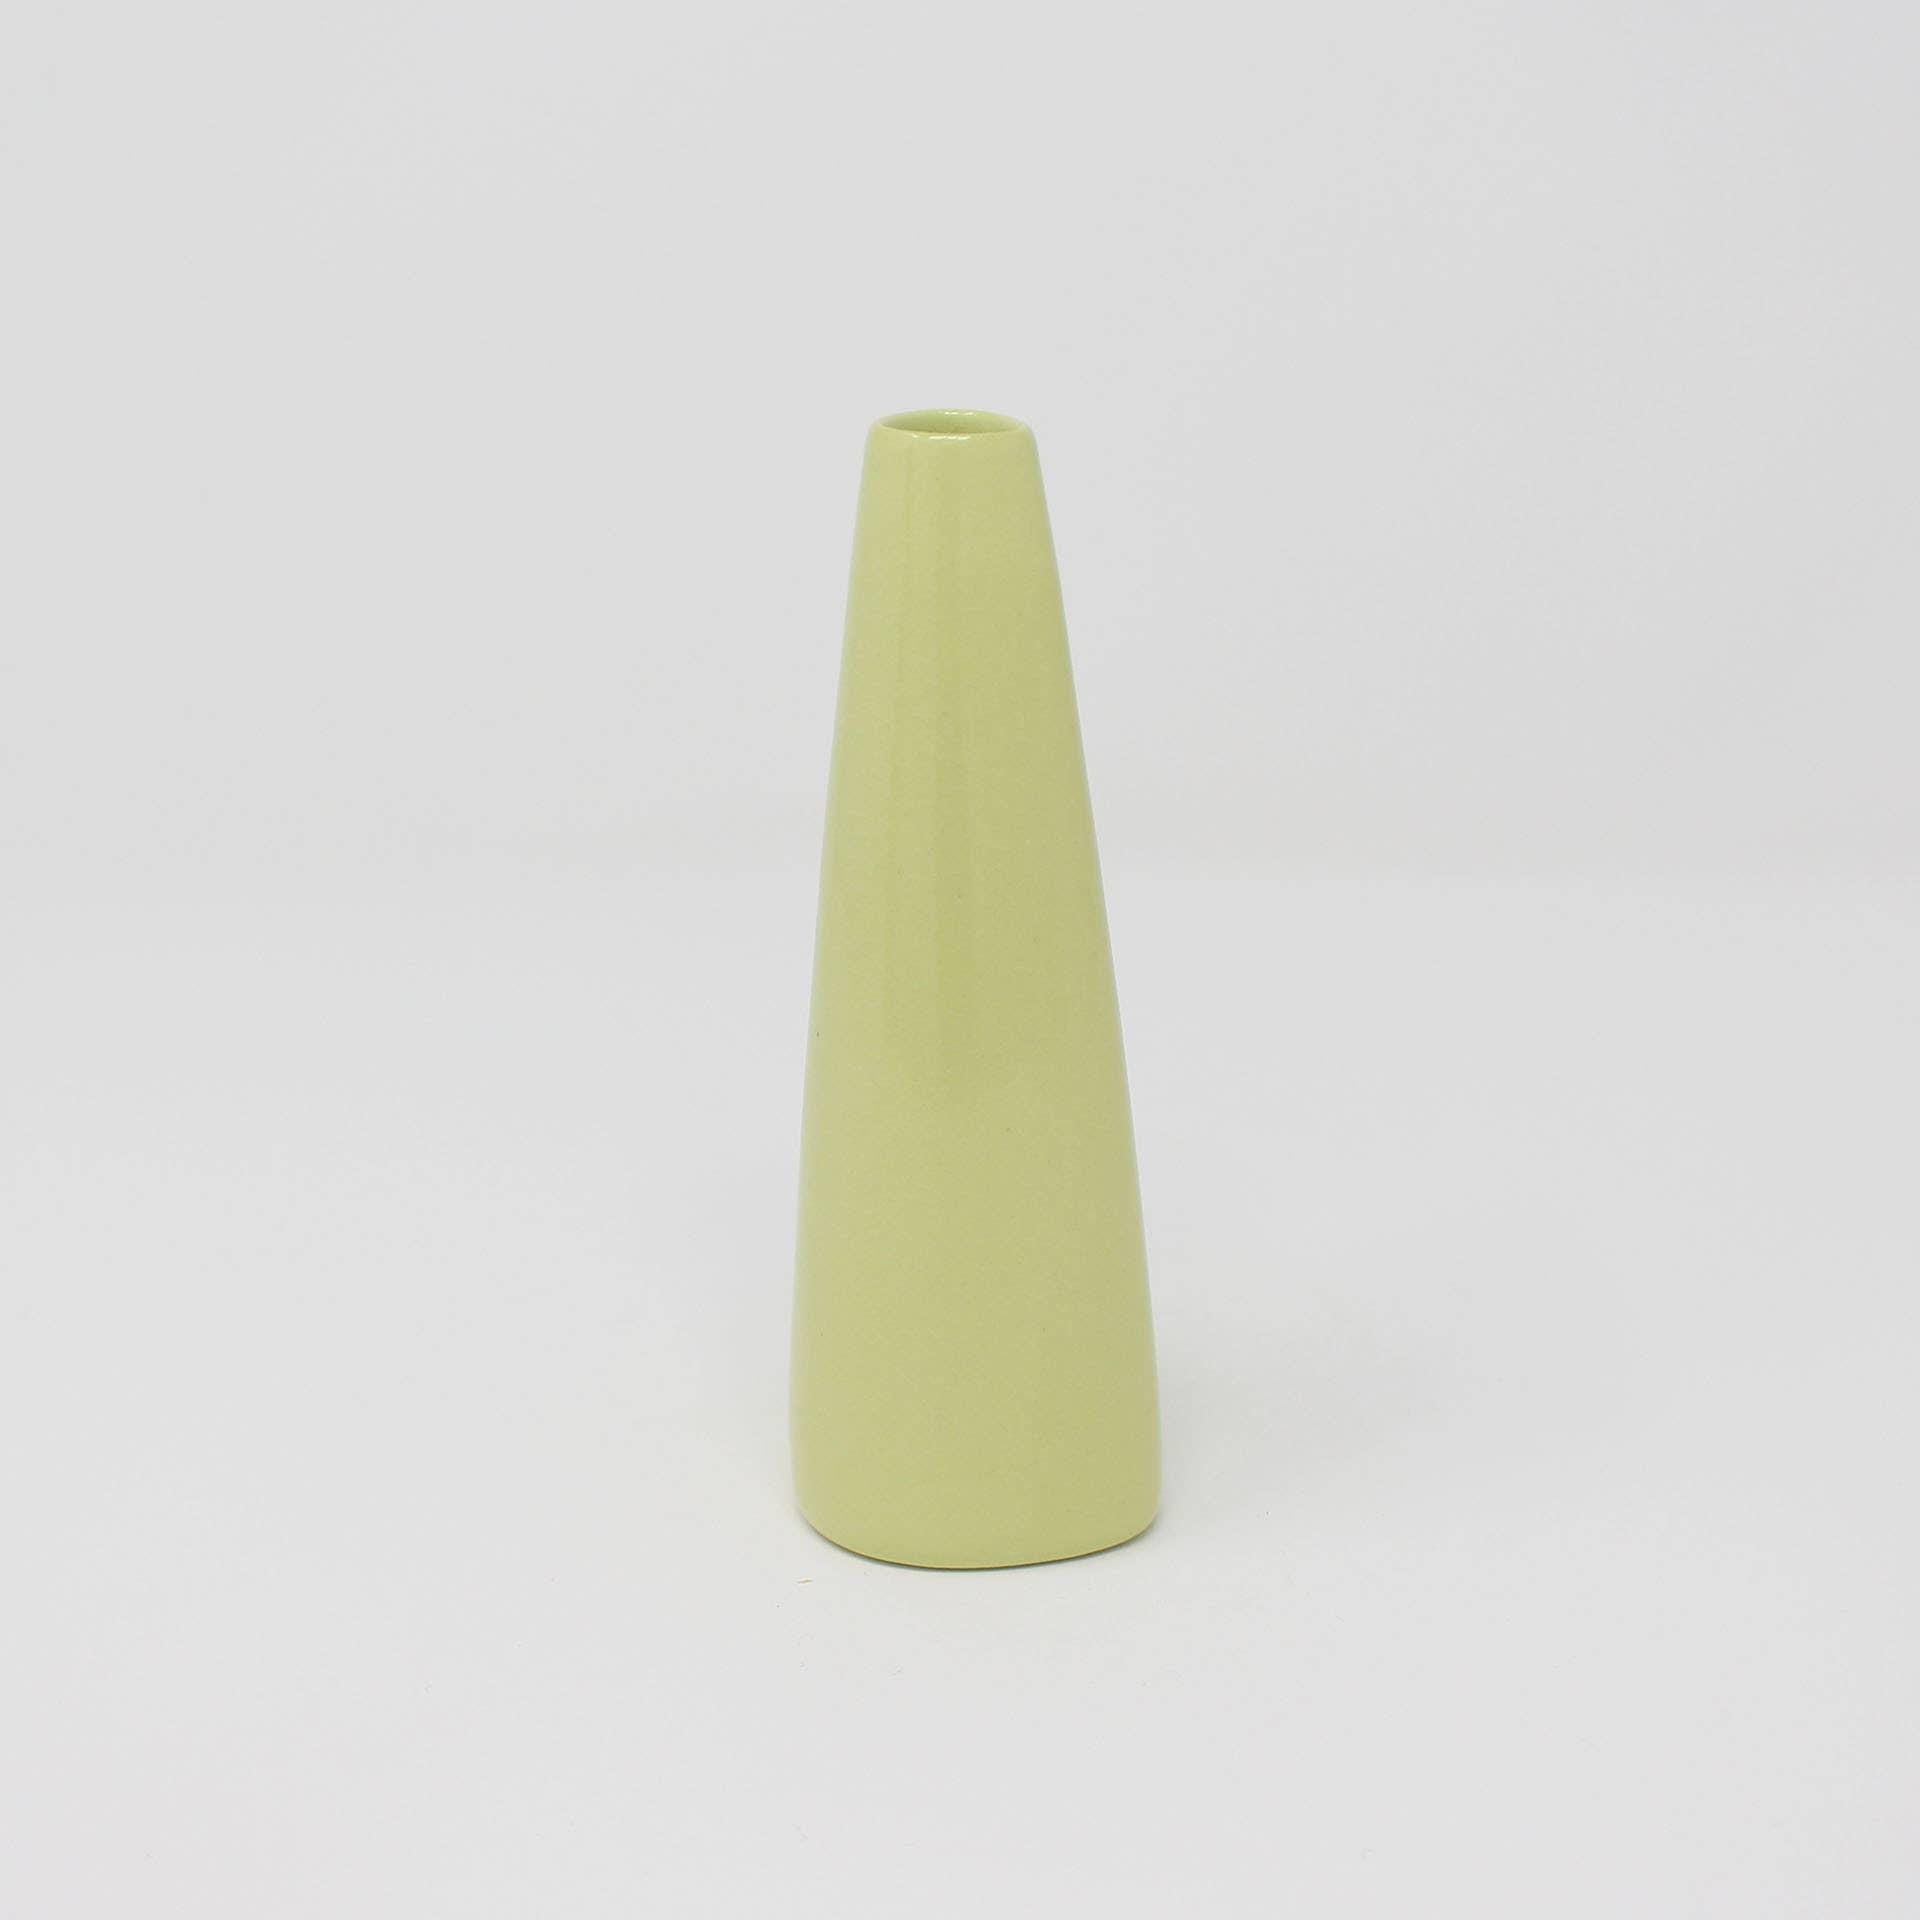 6 Ceramic Bud Vase #4